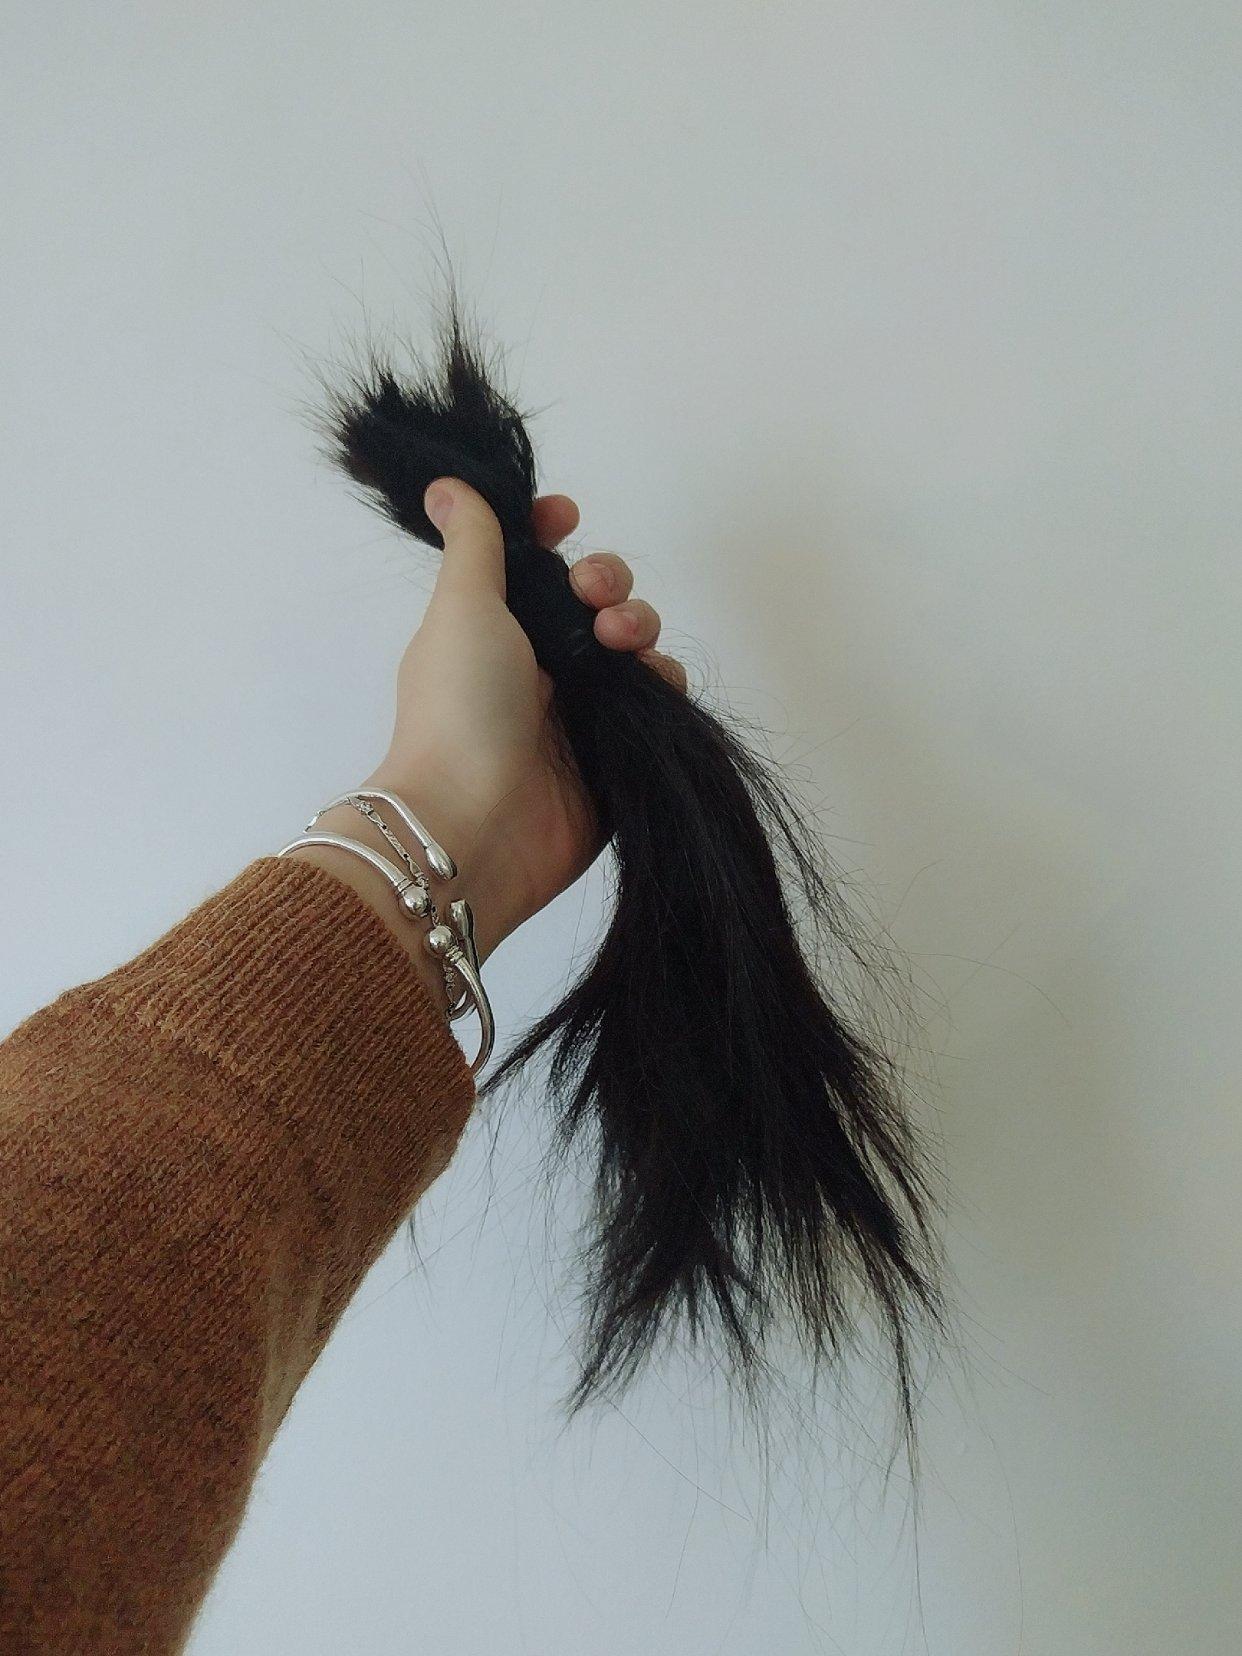 新年新气象:头发不想留就剪掉咯